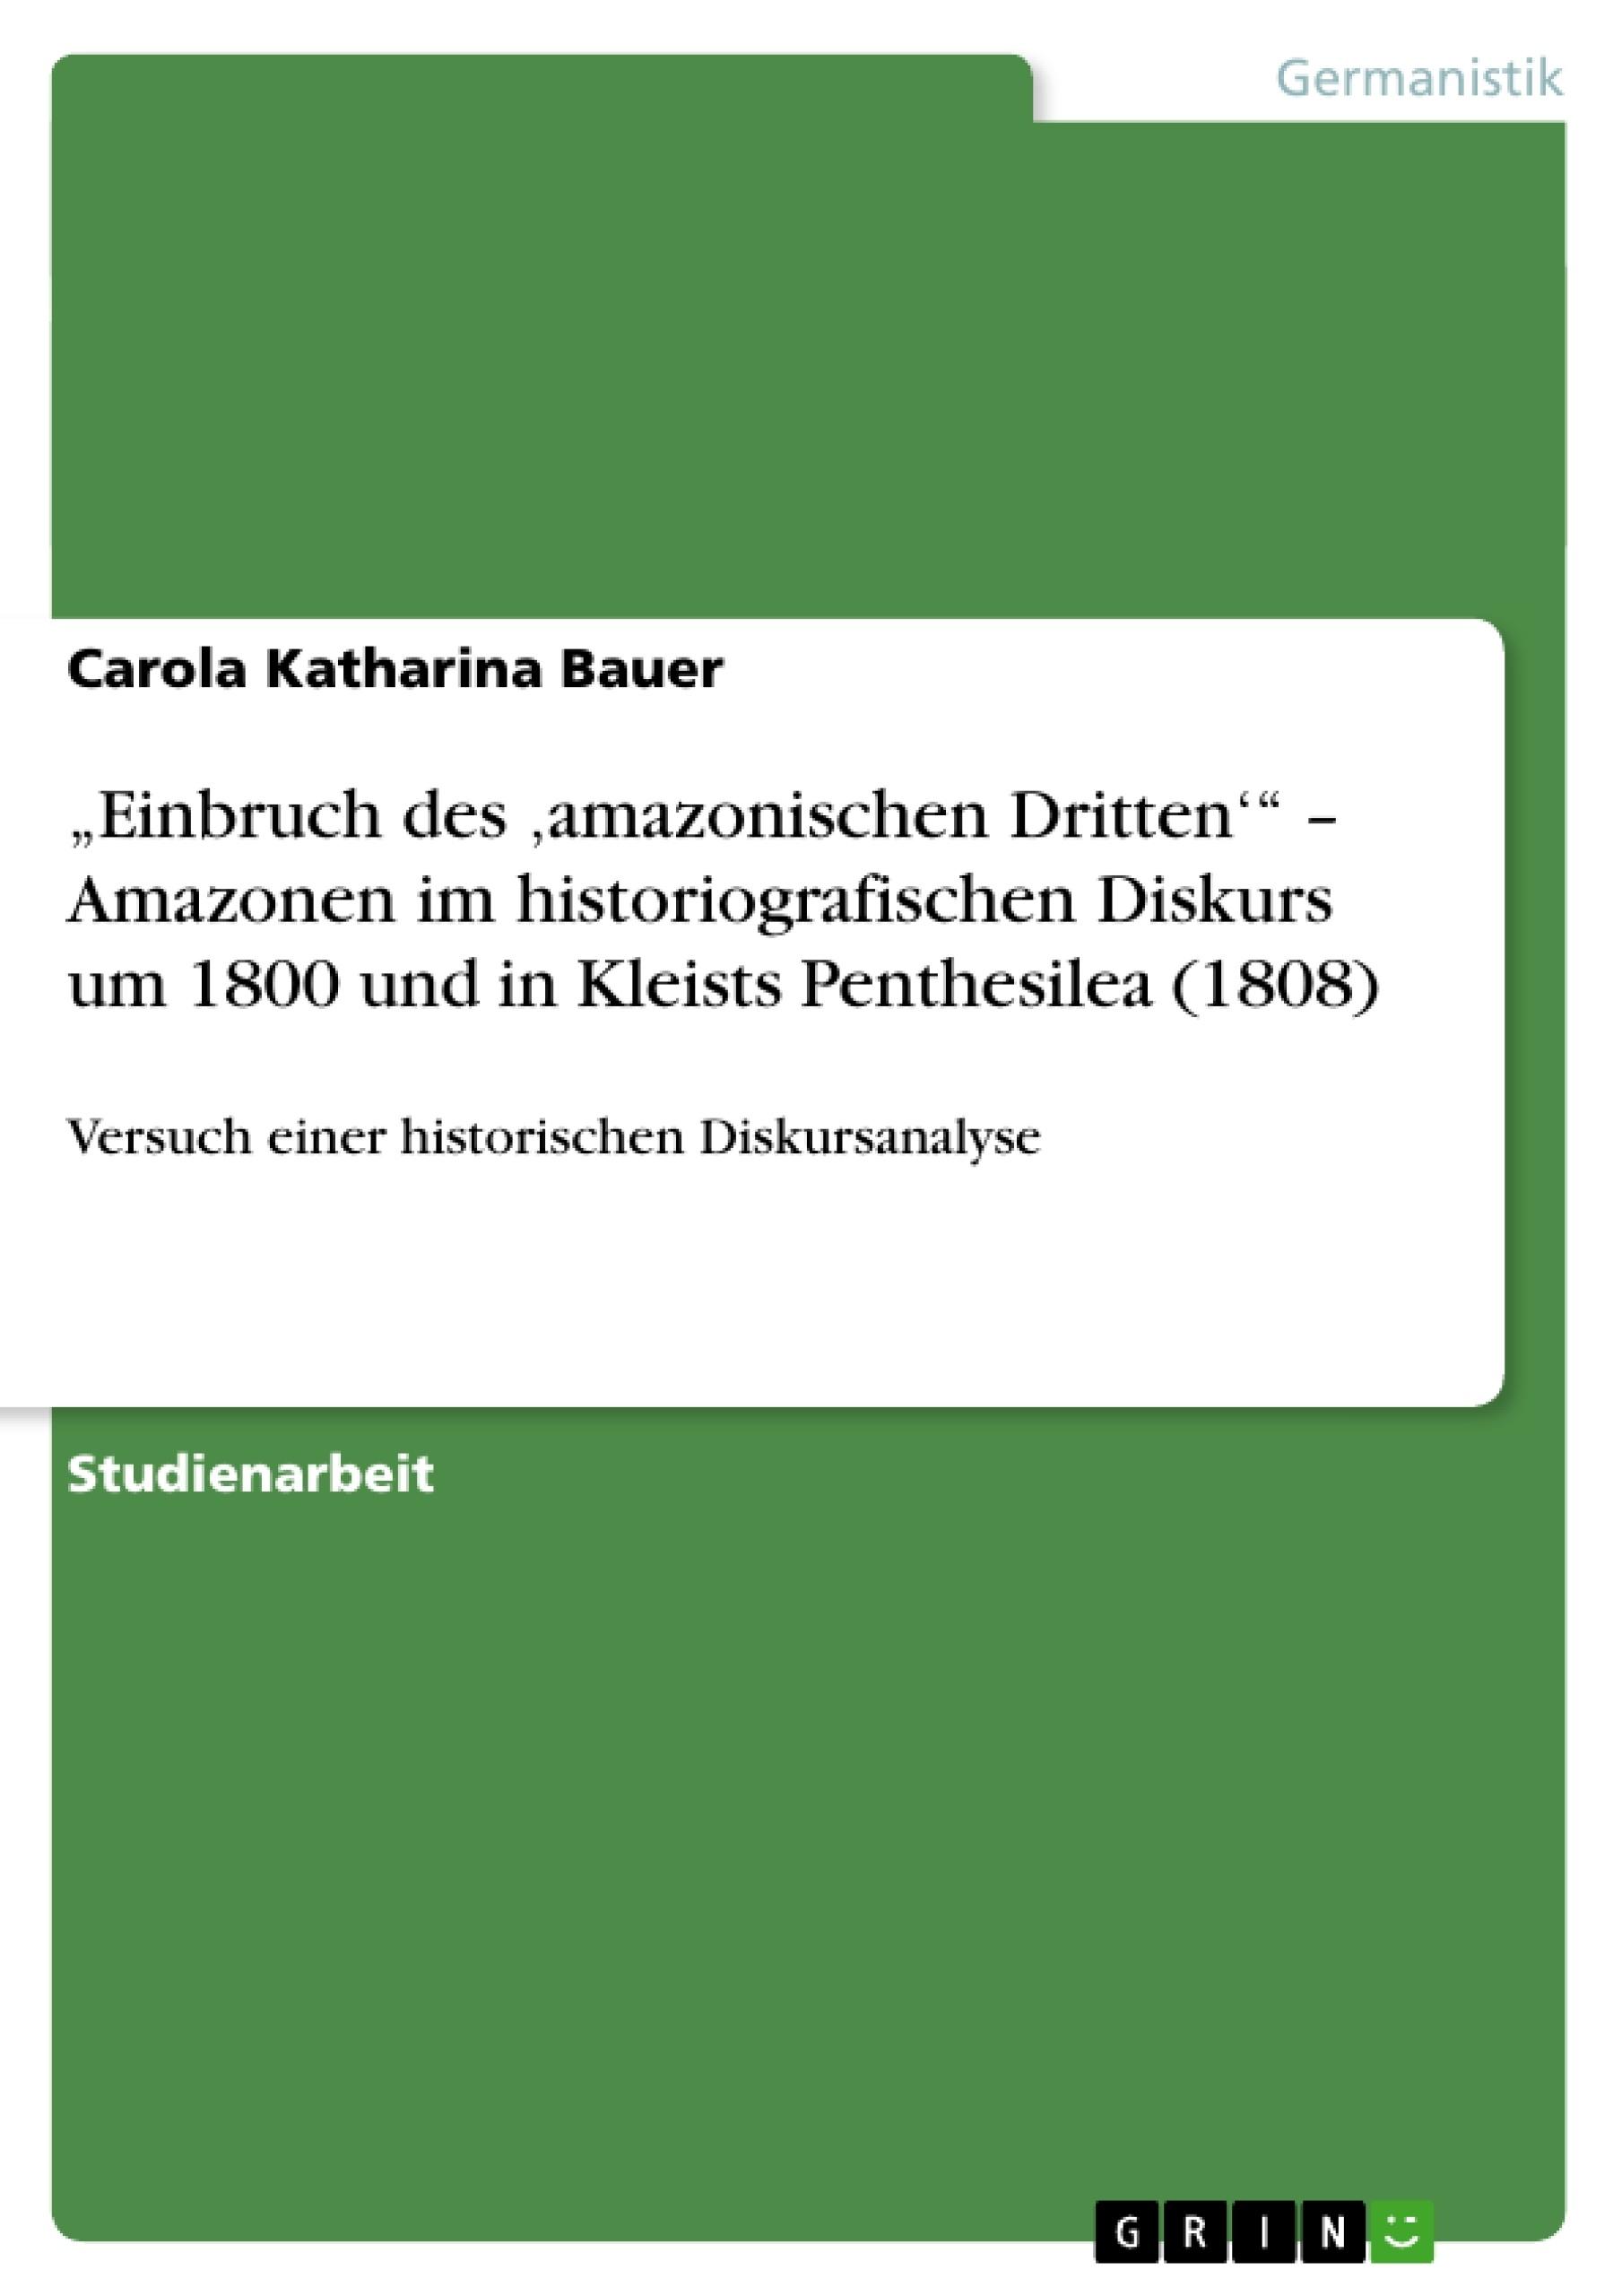 """Titel: """"Einbruch des 'amazonischen Dritten'"""" – Amazonen im historiografischen Diskurs um 1800 und in Kleists Penthesilea (1808)"""